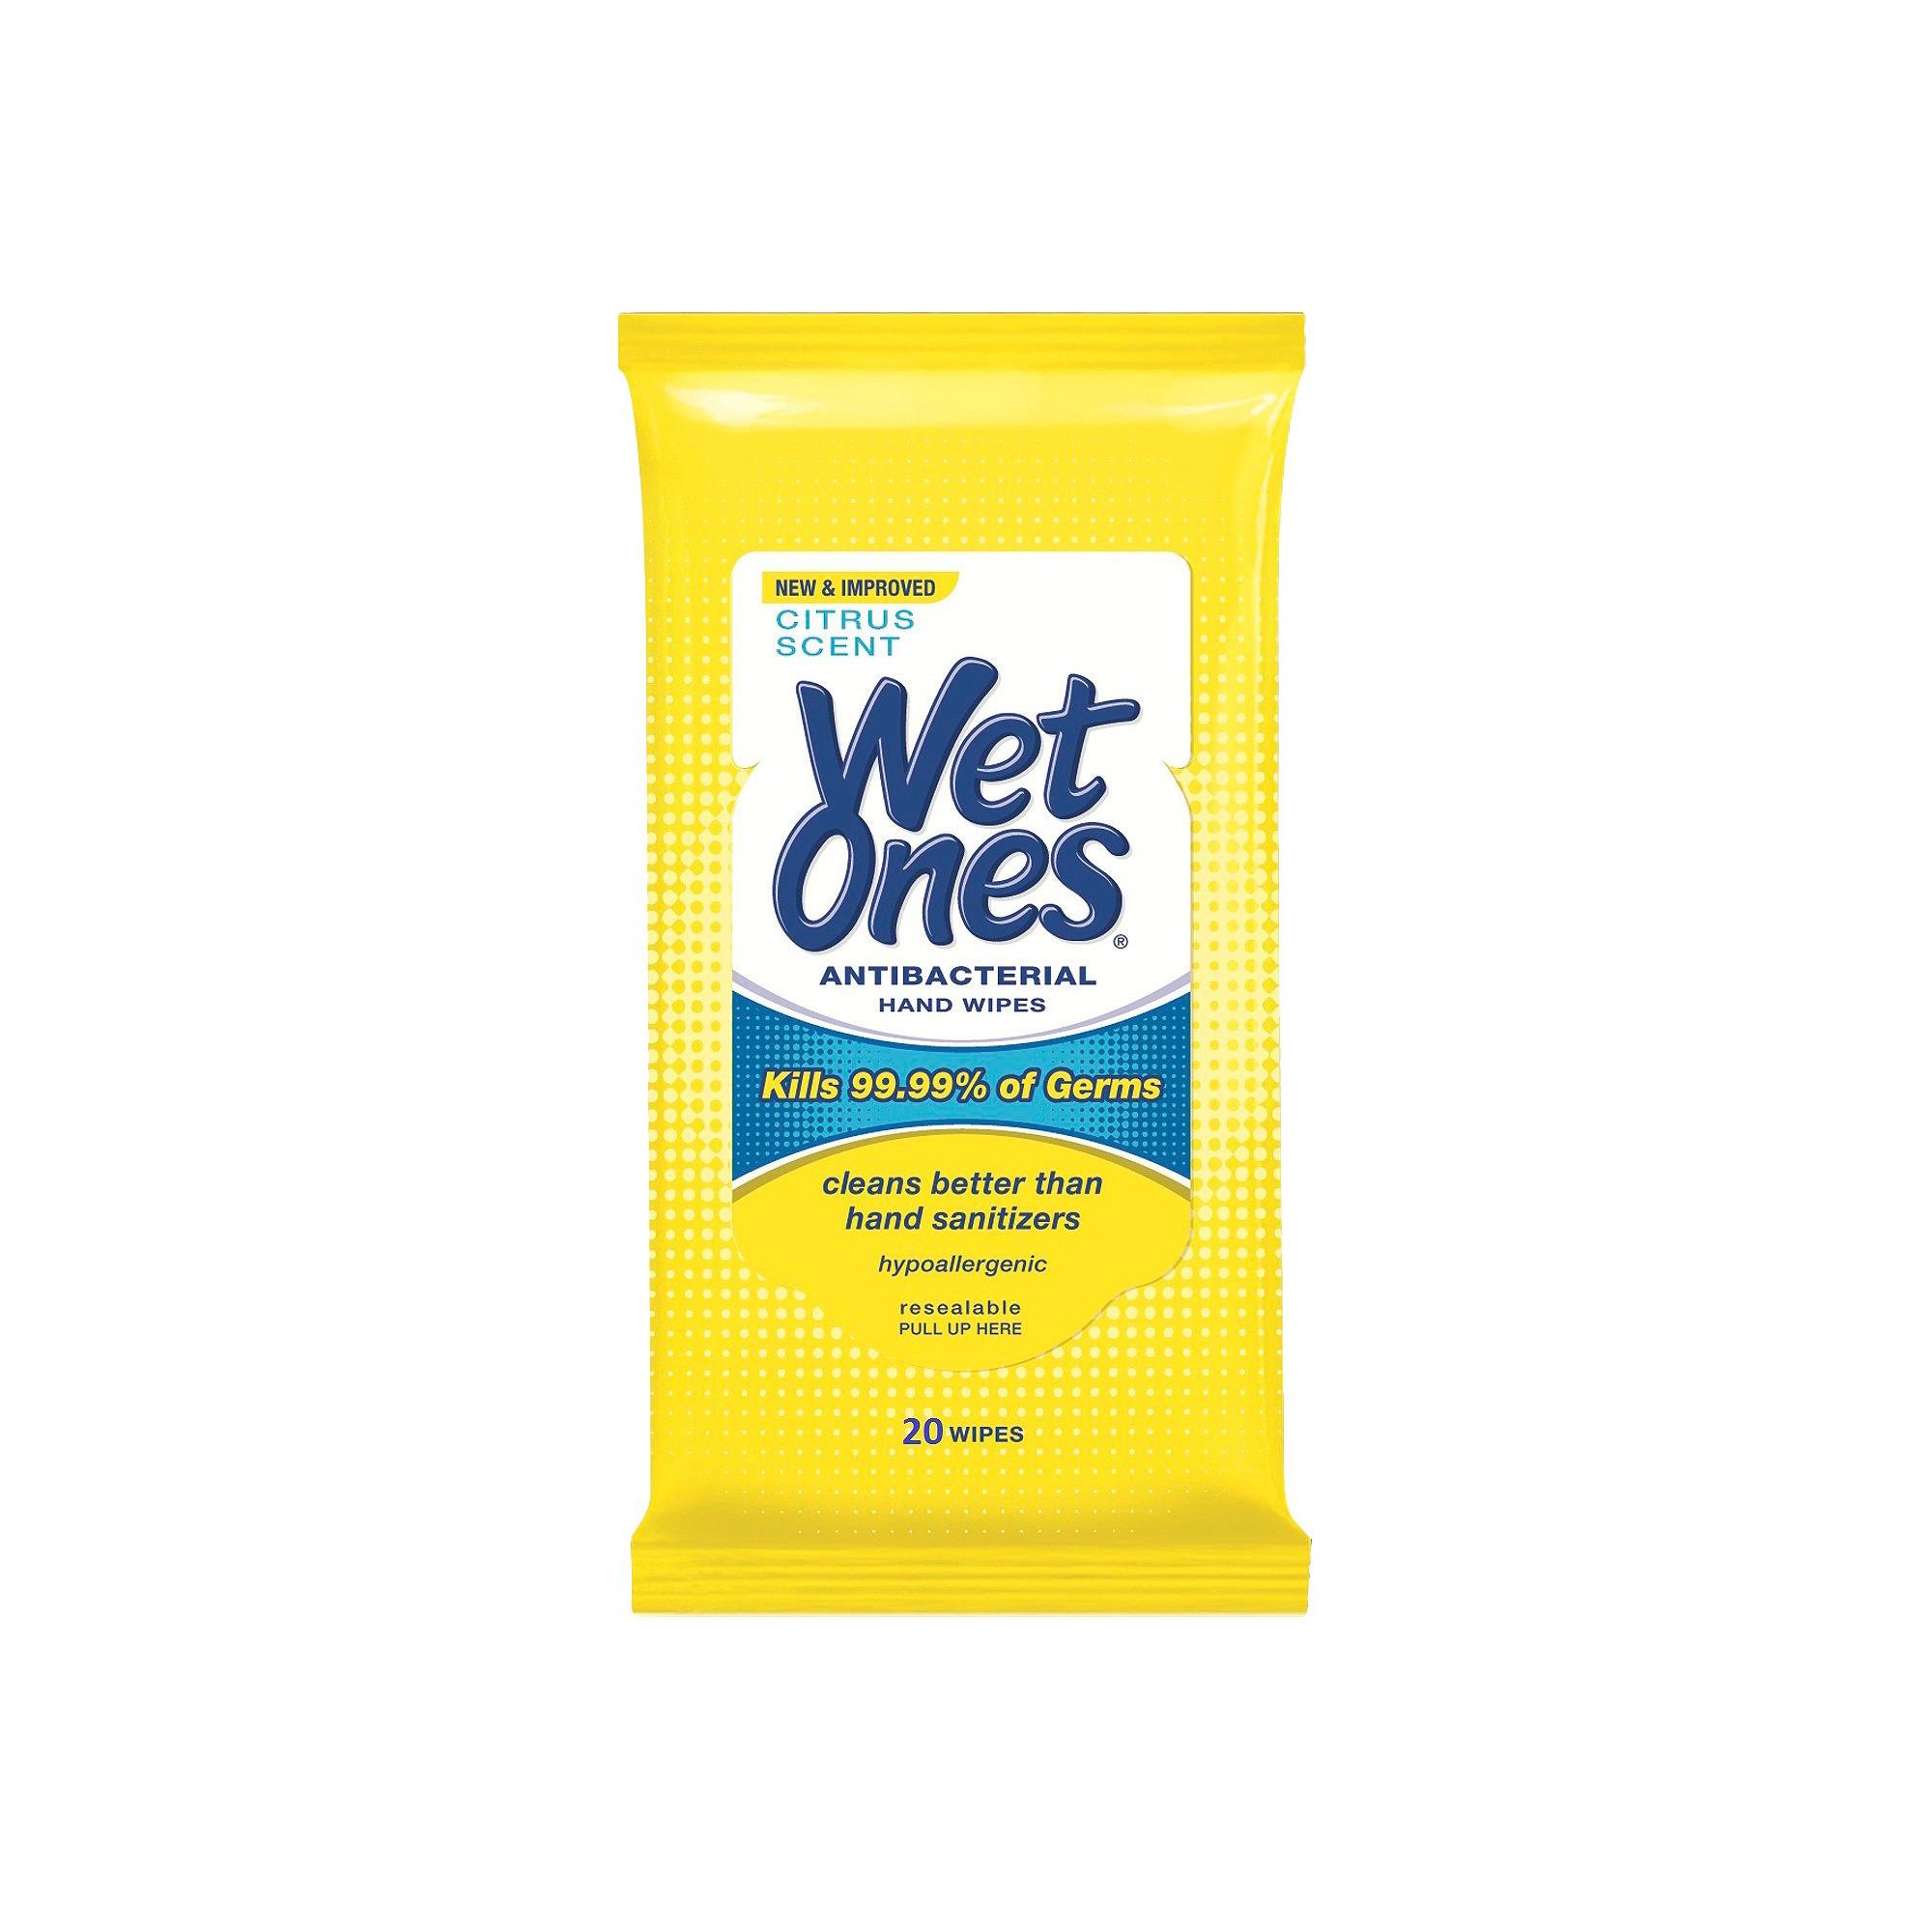 Wet Ones Antibacterial Hand Wipes Citrus Scent 20ct